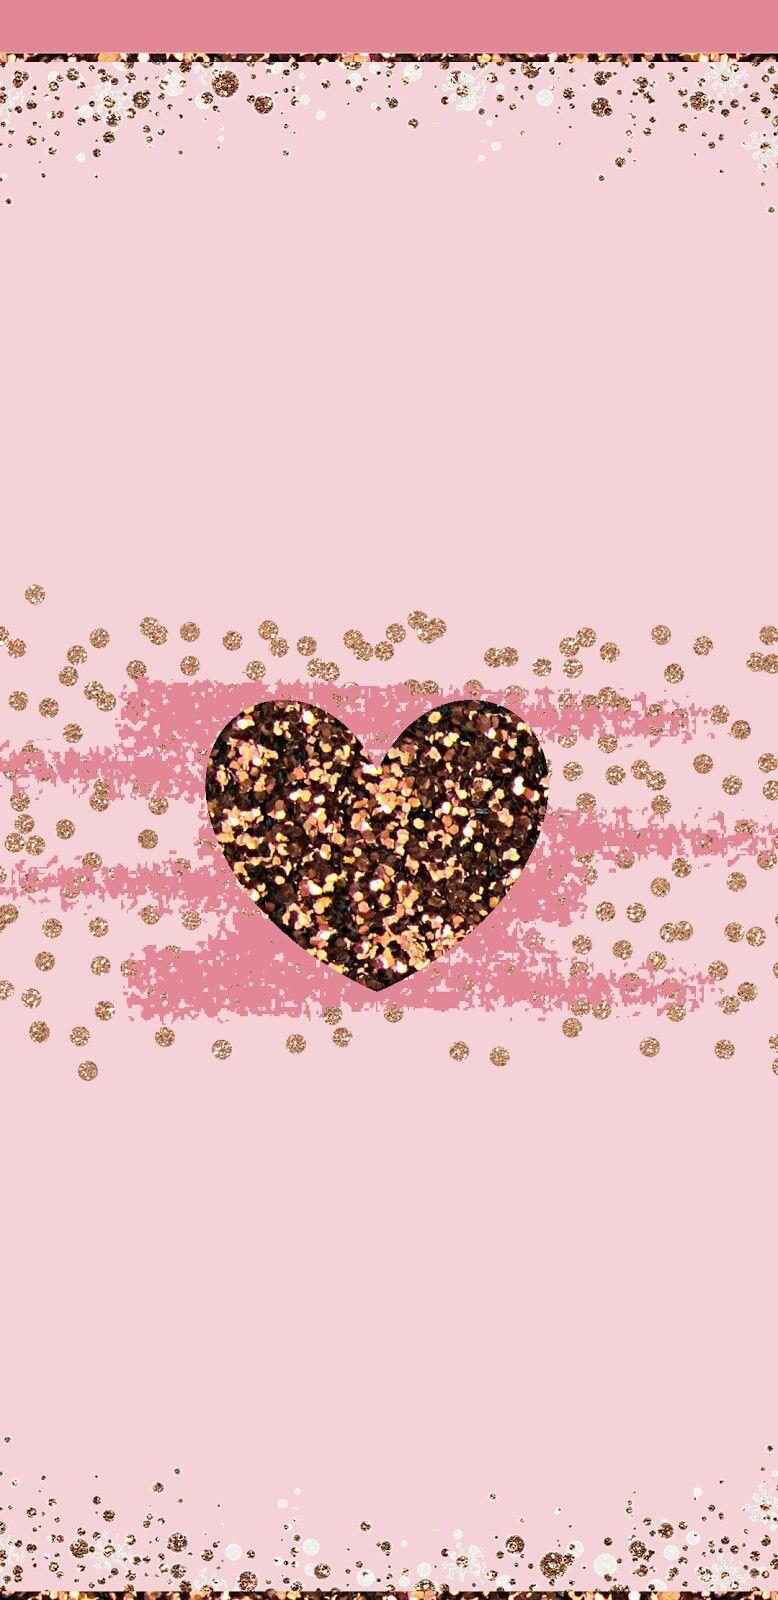 Girly Pink Glitter Wallpaper Note8love Wallpapers Femininos Wallpaper Legais Papel De Parede Do Iphone